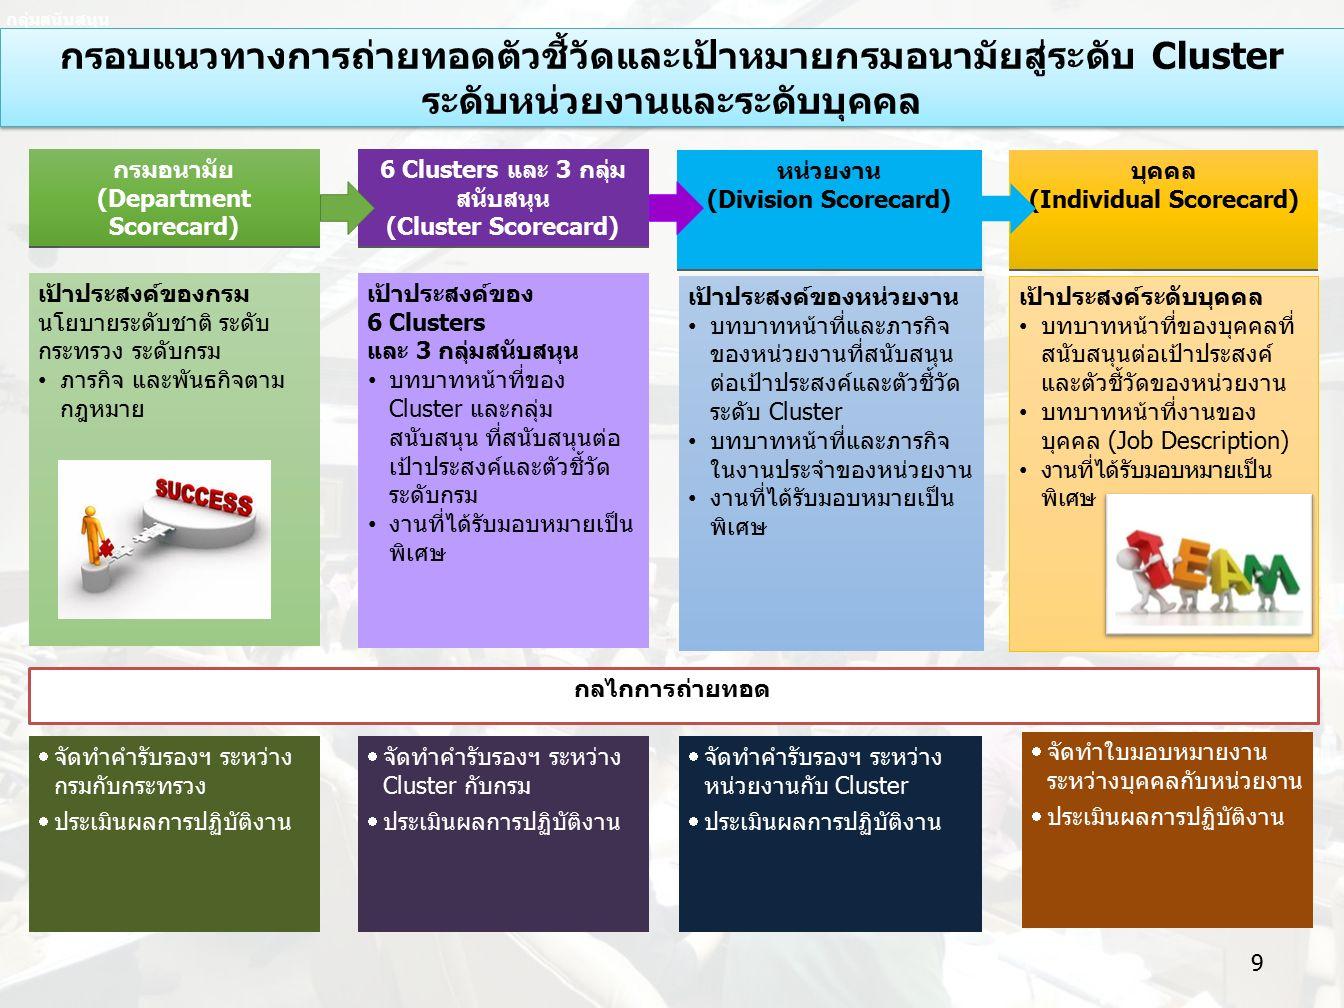 Action Plan  DOC การจัดทำแผนปฏิบัติการ Agenda Project Functional Project โครงการตาม ภารกิจ/โครงการ ปกติของหน่วยงาน โครงการตาม ยุทธศาสตร์ โครงการที่ได้รับ มอบหมายพิเศษ แผนยุทธศาสตร์ 20 ปี กสธ.